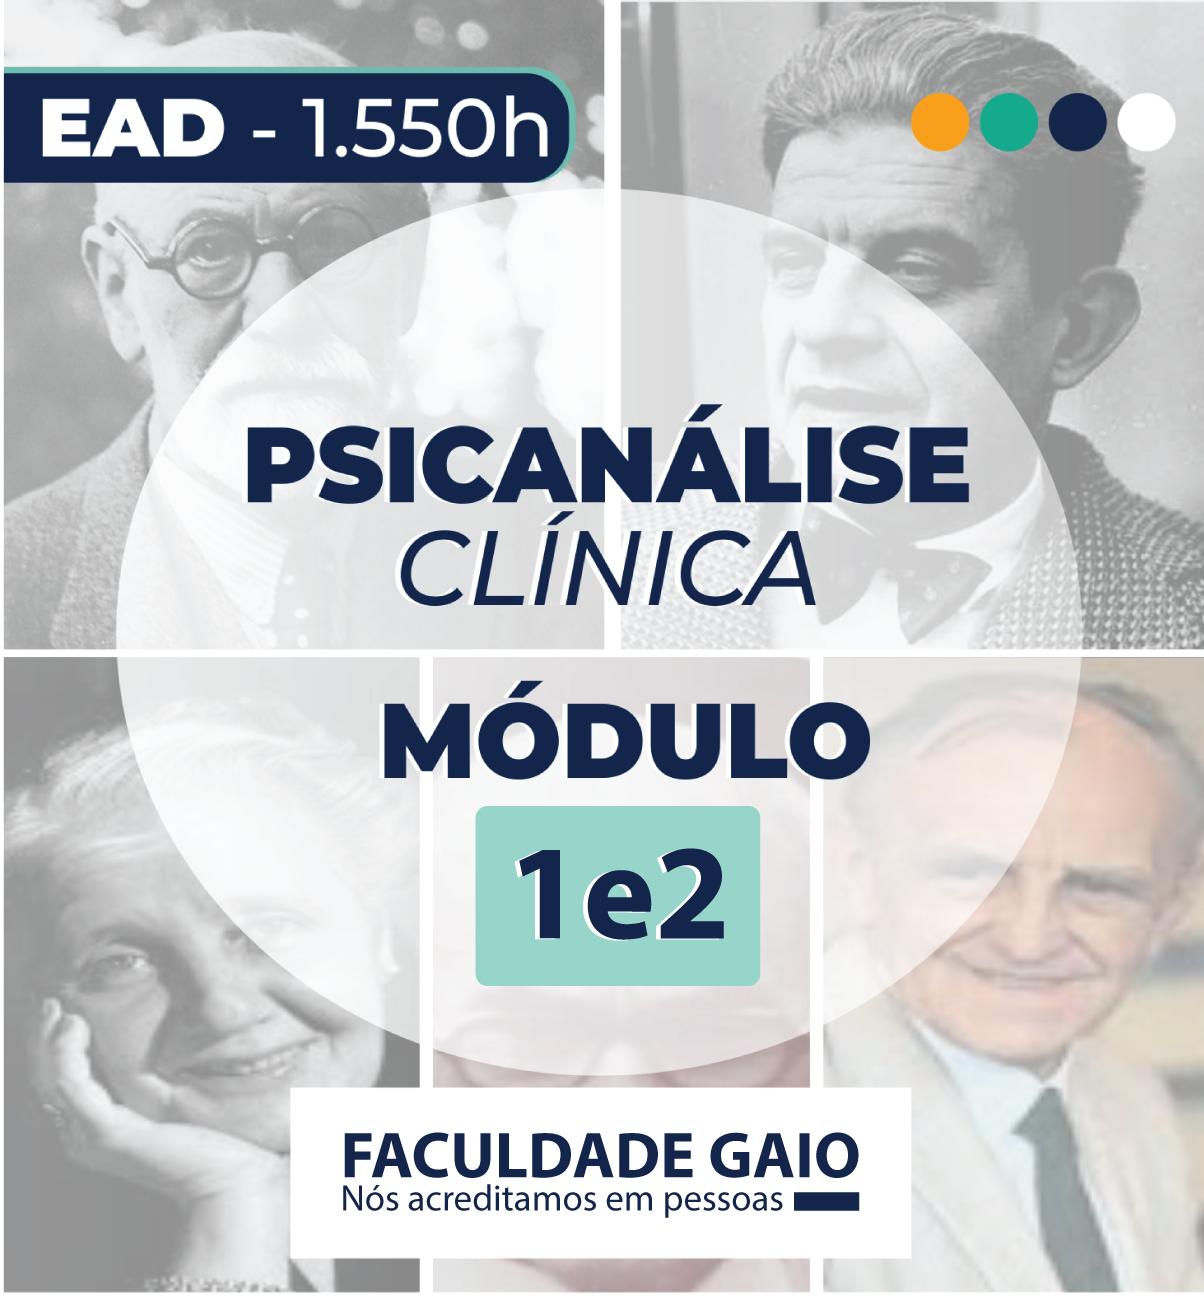 FORMAÇÃO EM PSICANÁLISE CLÍNICA – EAD – MÓD 1 e MÓD 2